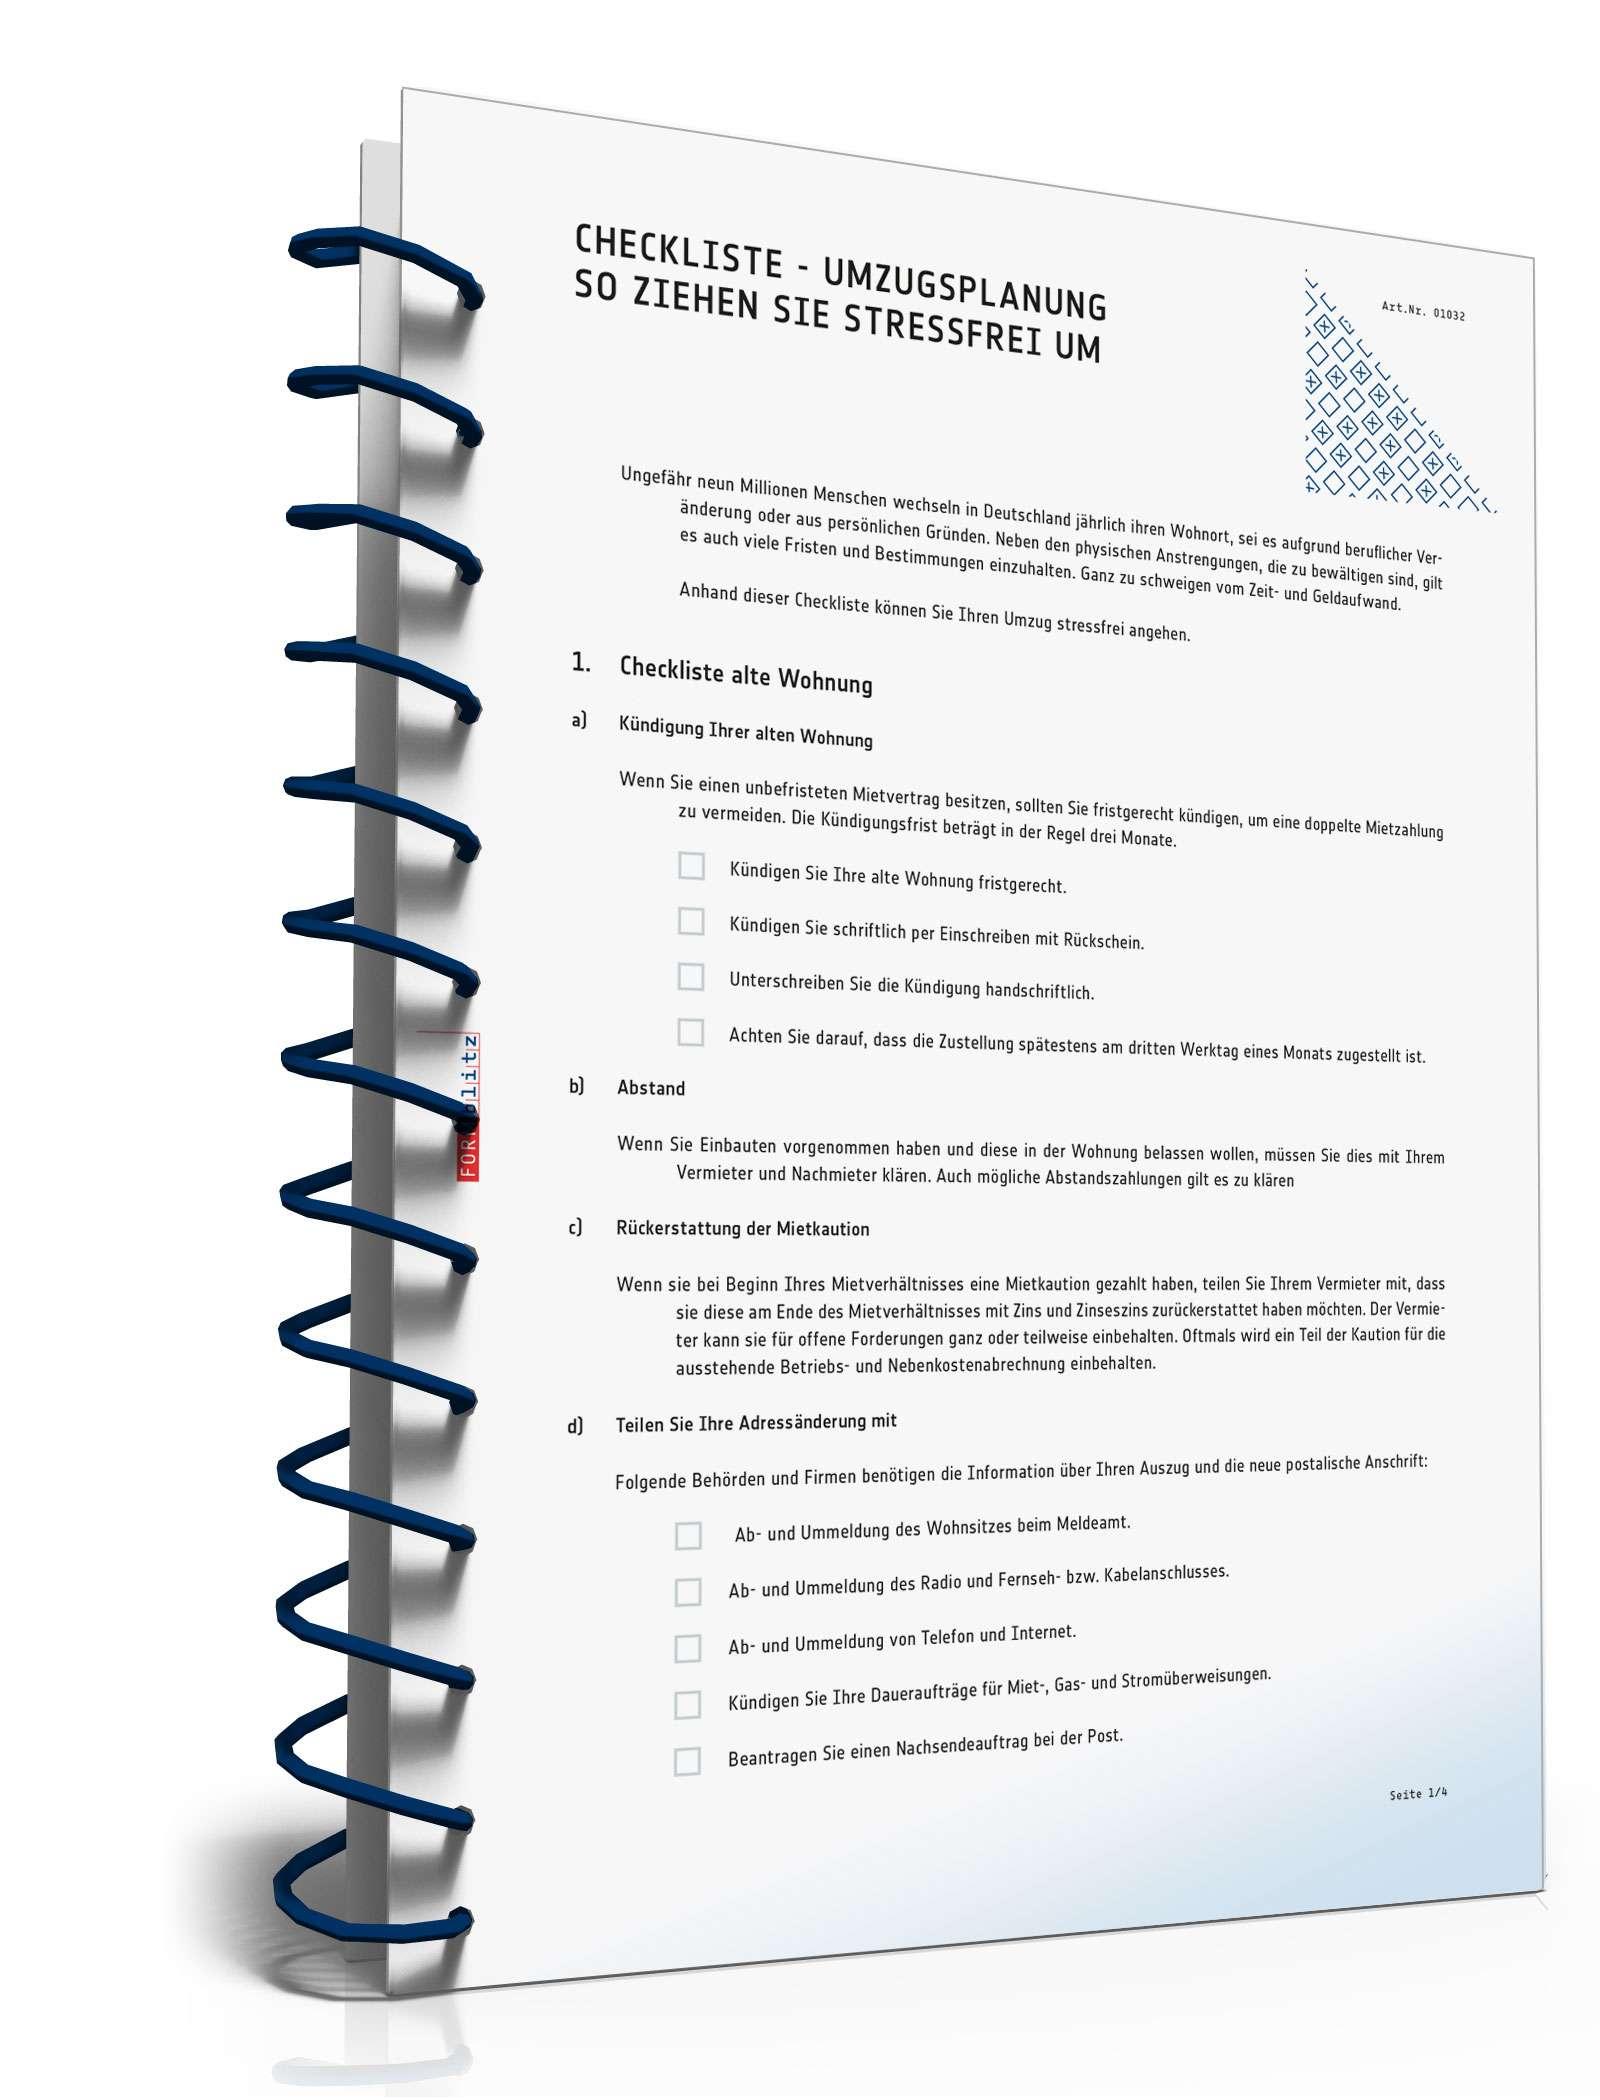 Umzugsorganisation Checkliste checkliste umzugsplanung muster zum